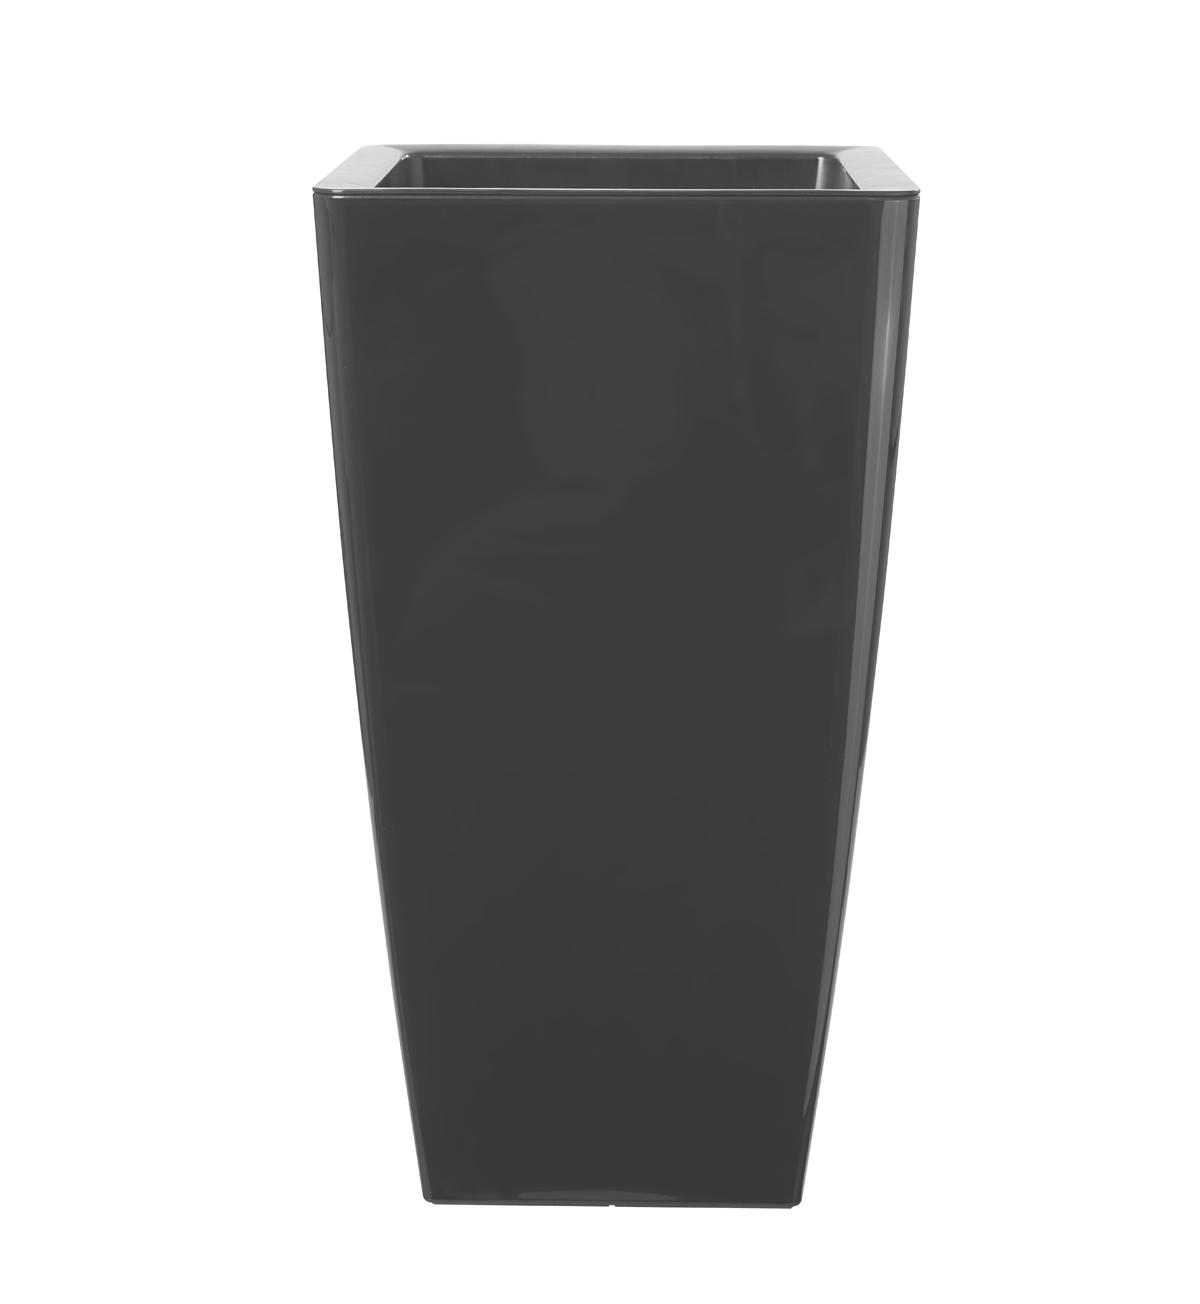 Vaso ARTEVASI in polipropilene colore antracite H 61 cm, L 33 x P 33 cm Ø 33 cm